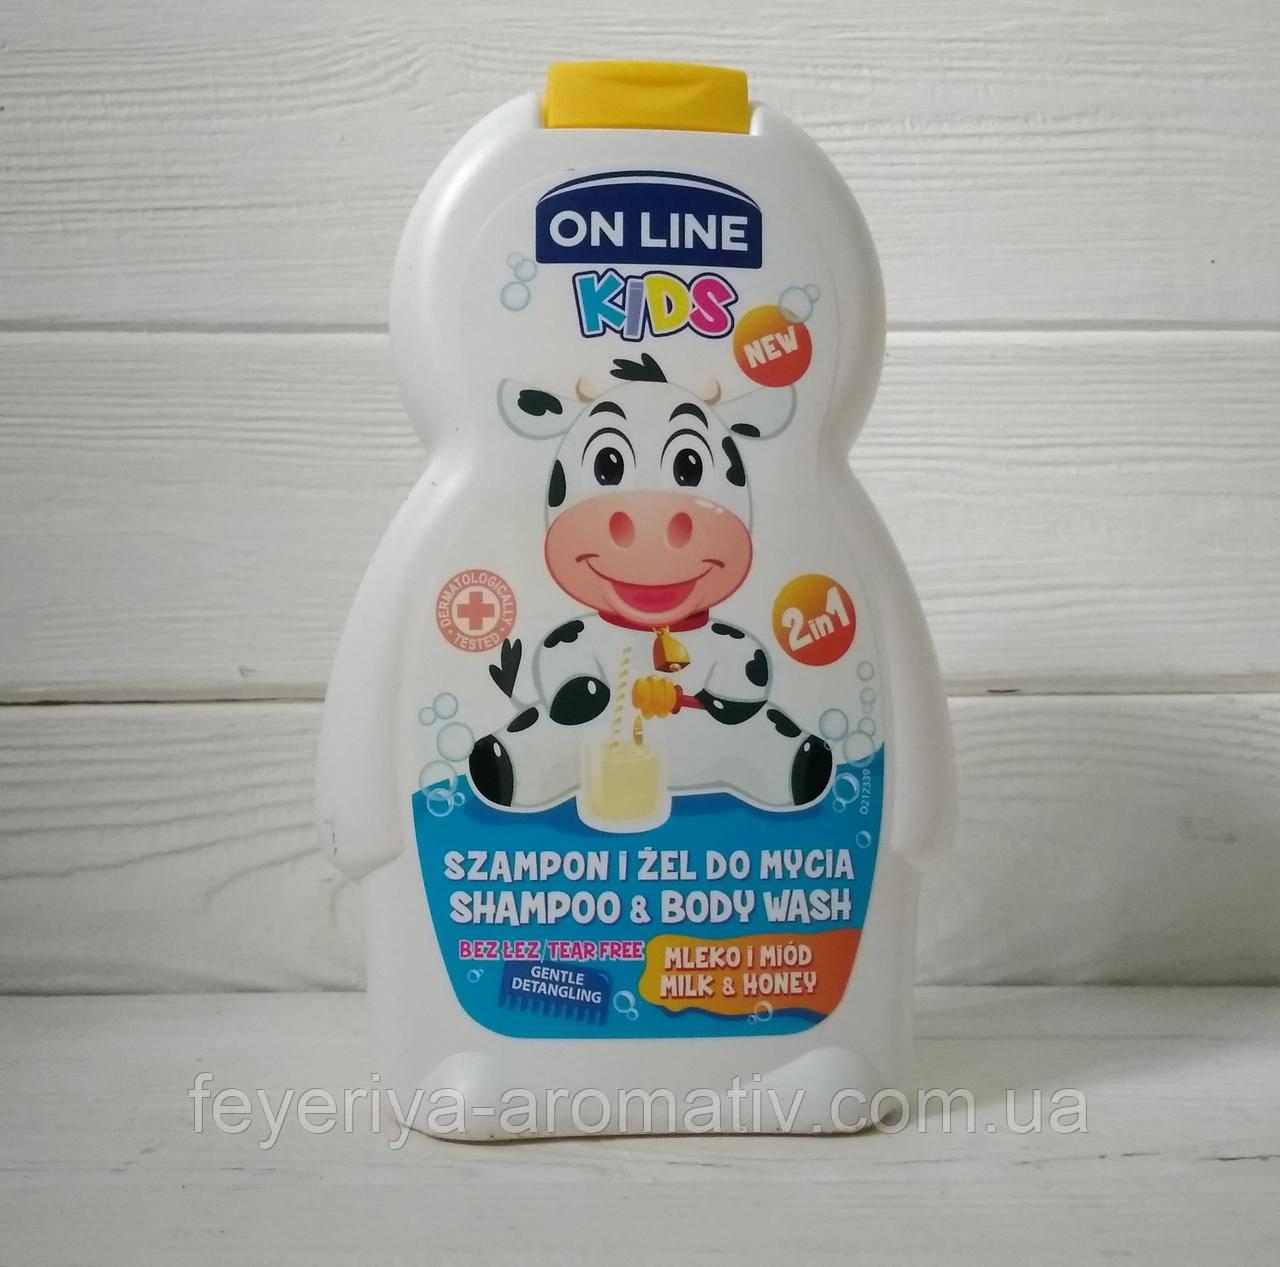 Детский шампунь и гель для мытья On Line Kids 3+ 250 гр (Польша) молоко с медом